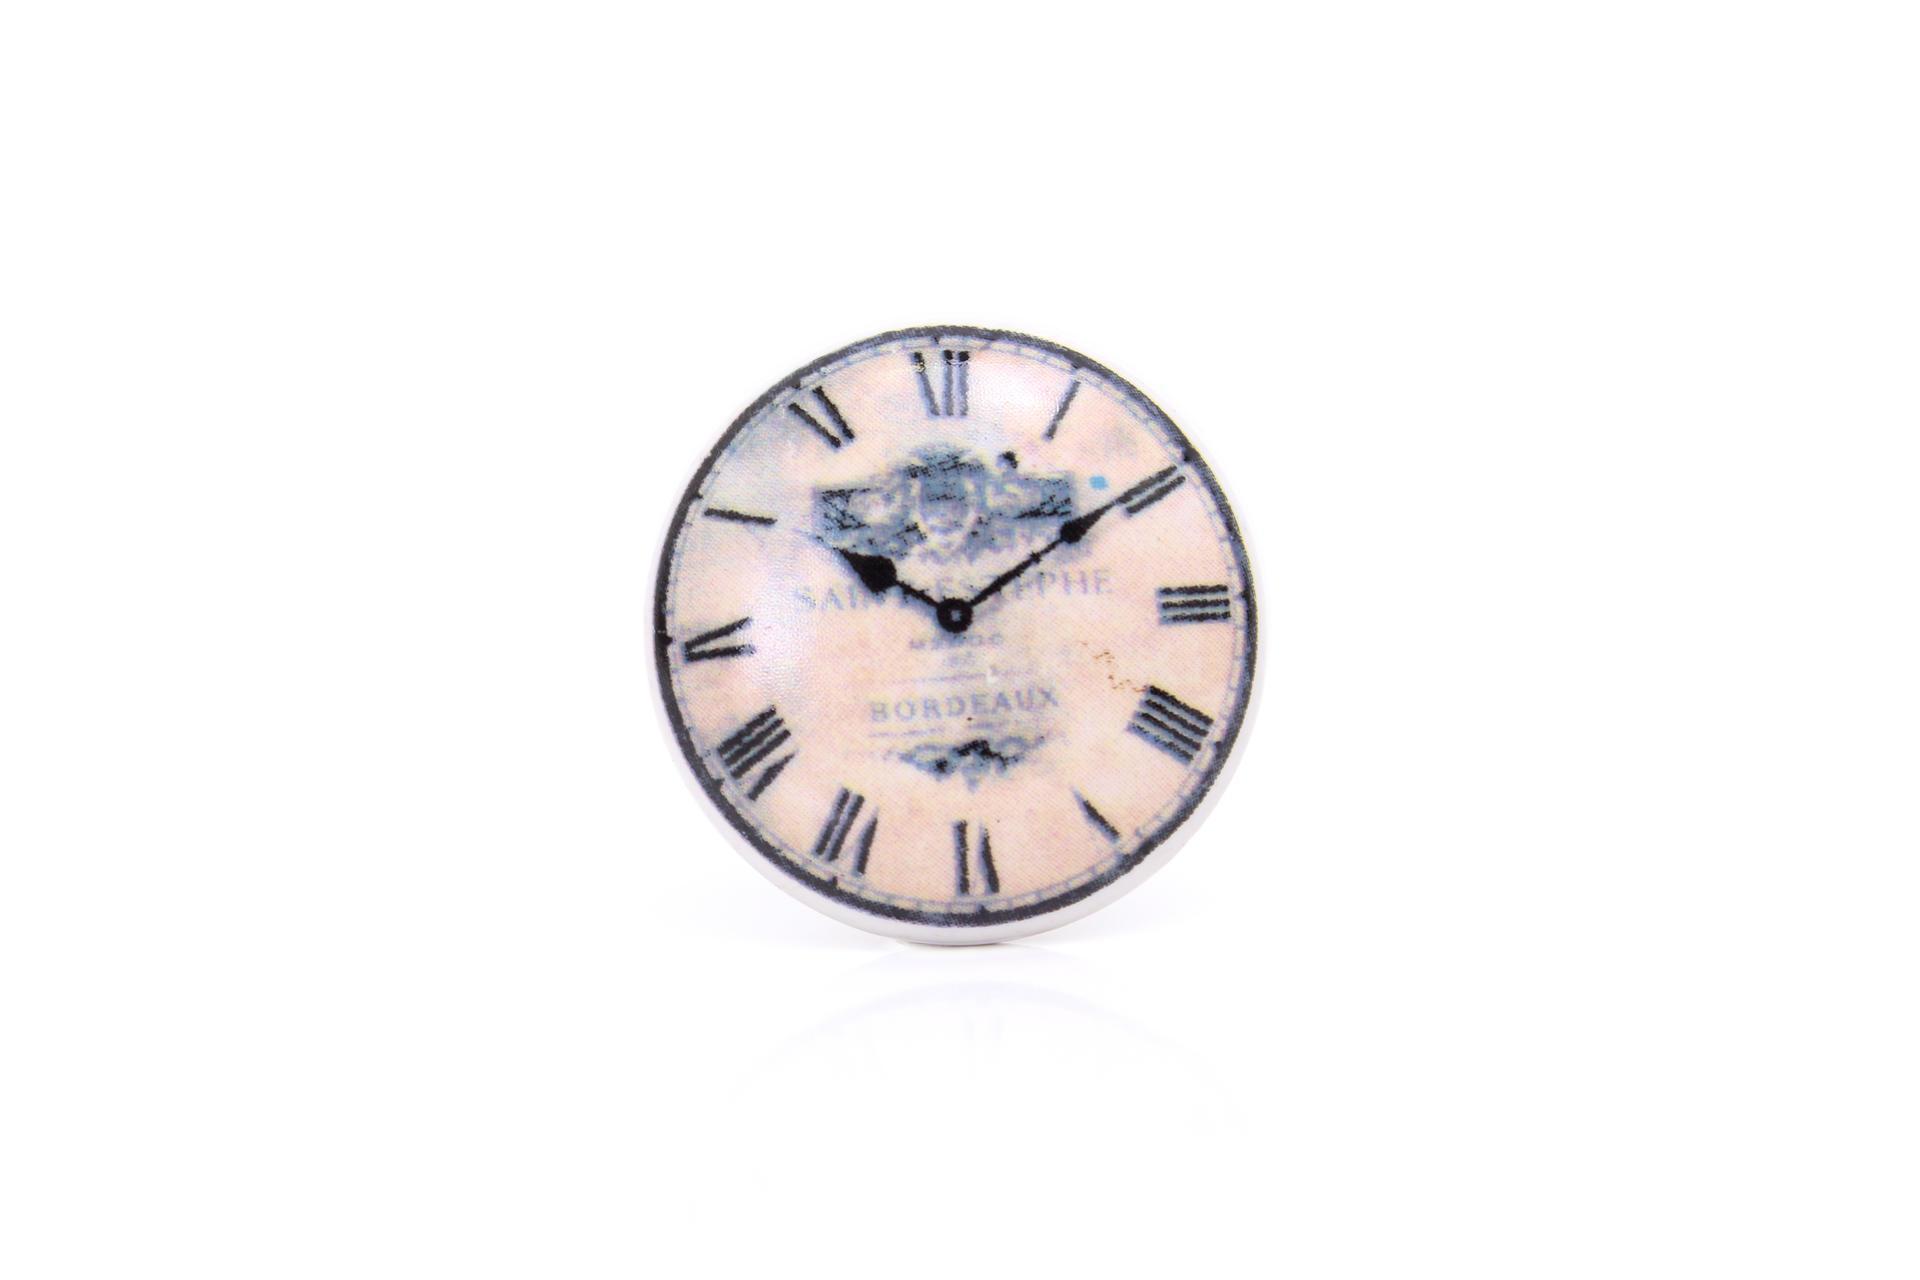 La finesse Porcelánová úchytka Clock, černá barva, porcelán 40 mm